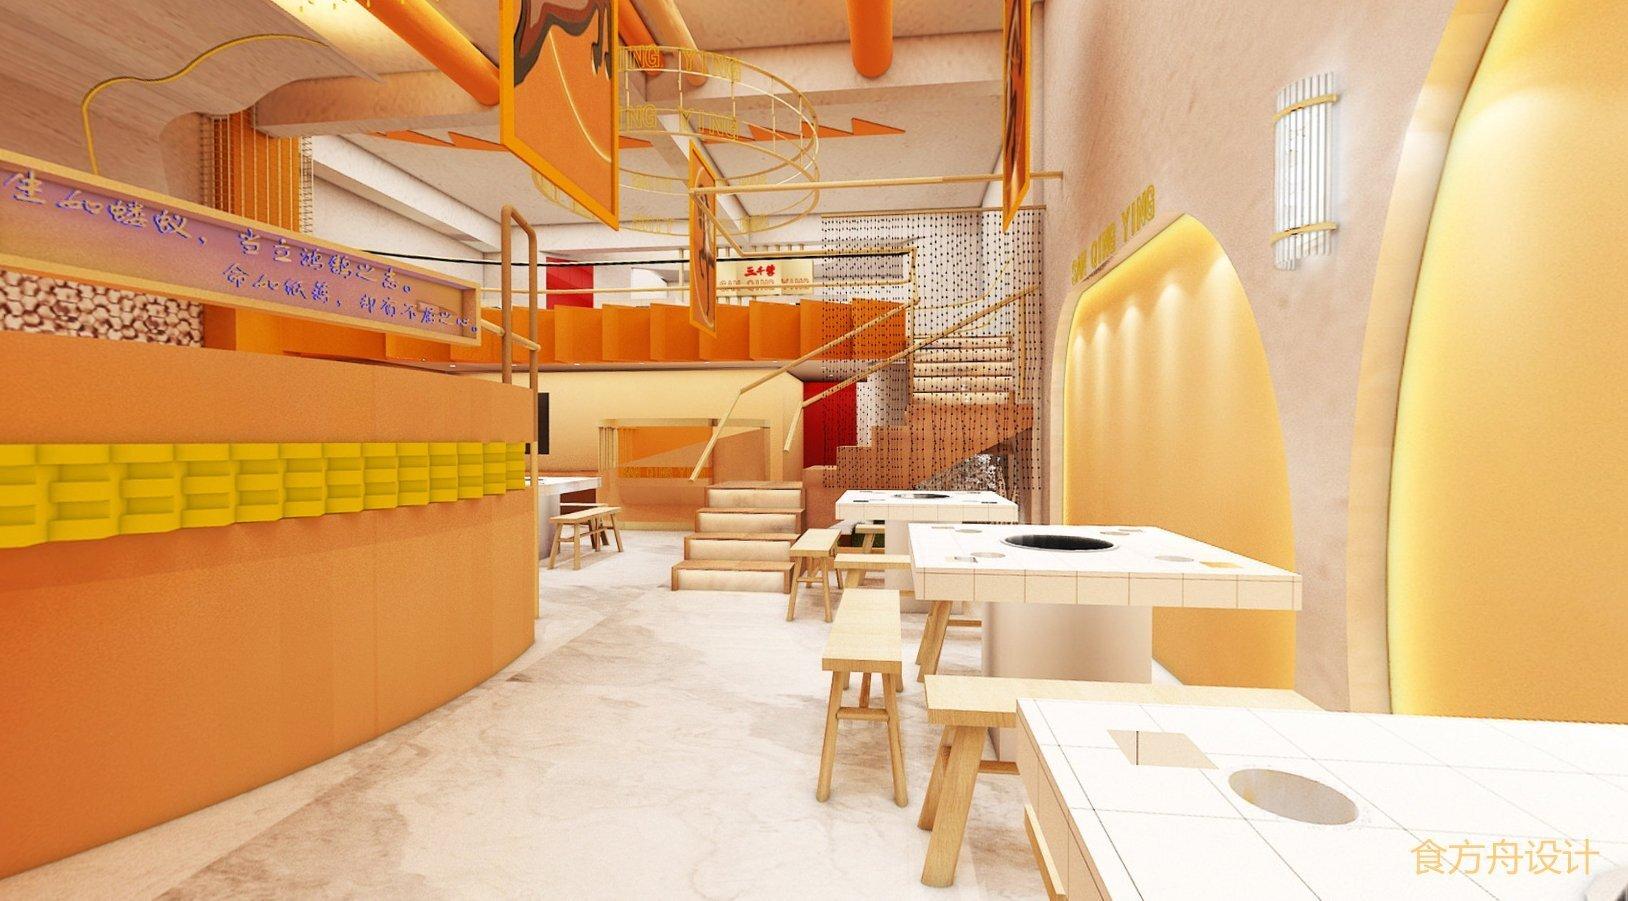 餐饮装修中基本功能区域的设计